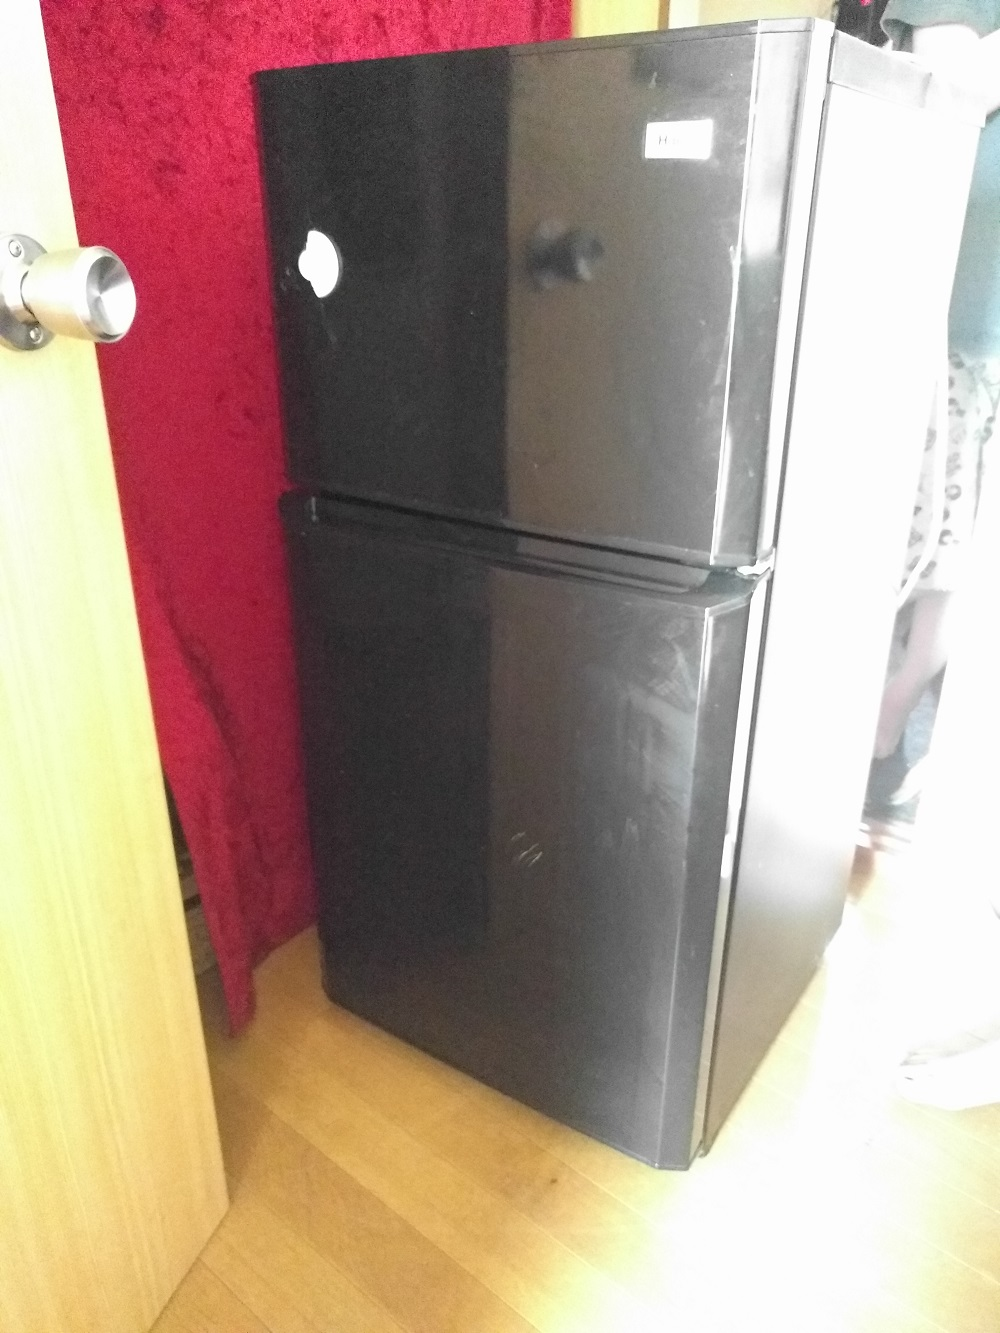 御代田町で不用品(冷蔵庫)処分ご依頼 お客様の声